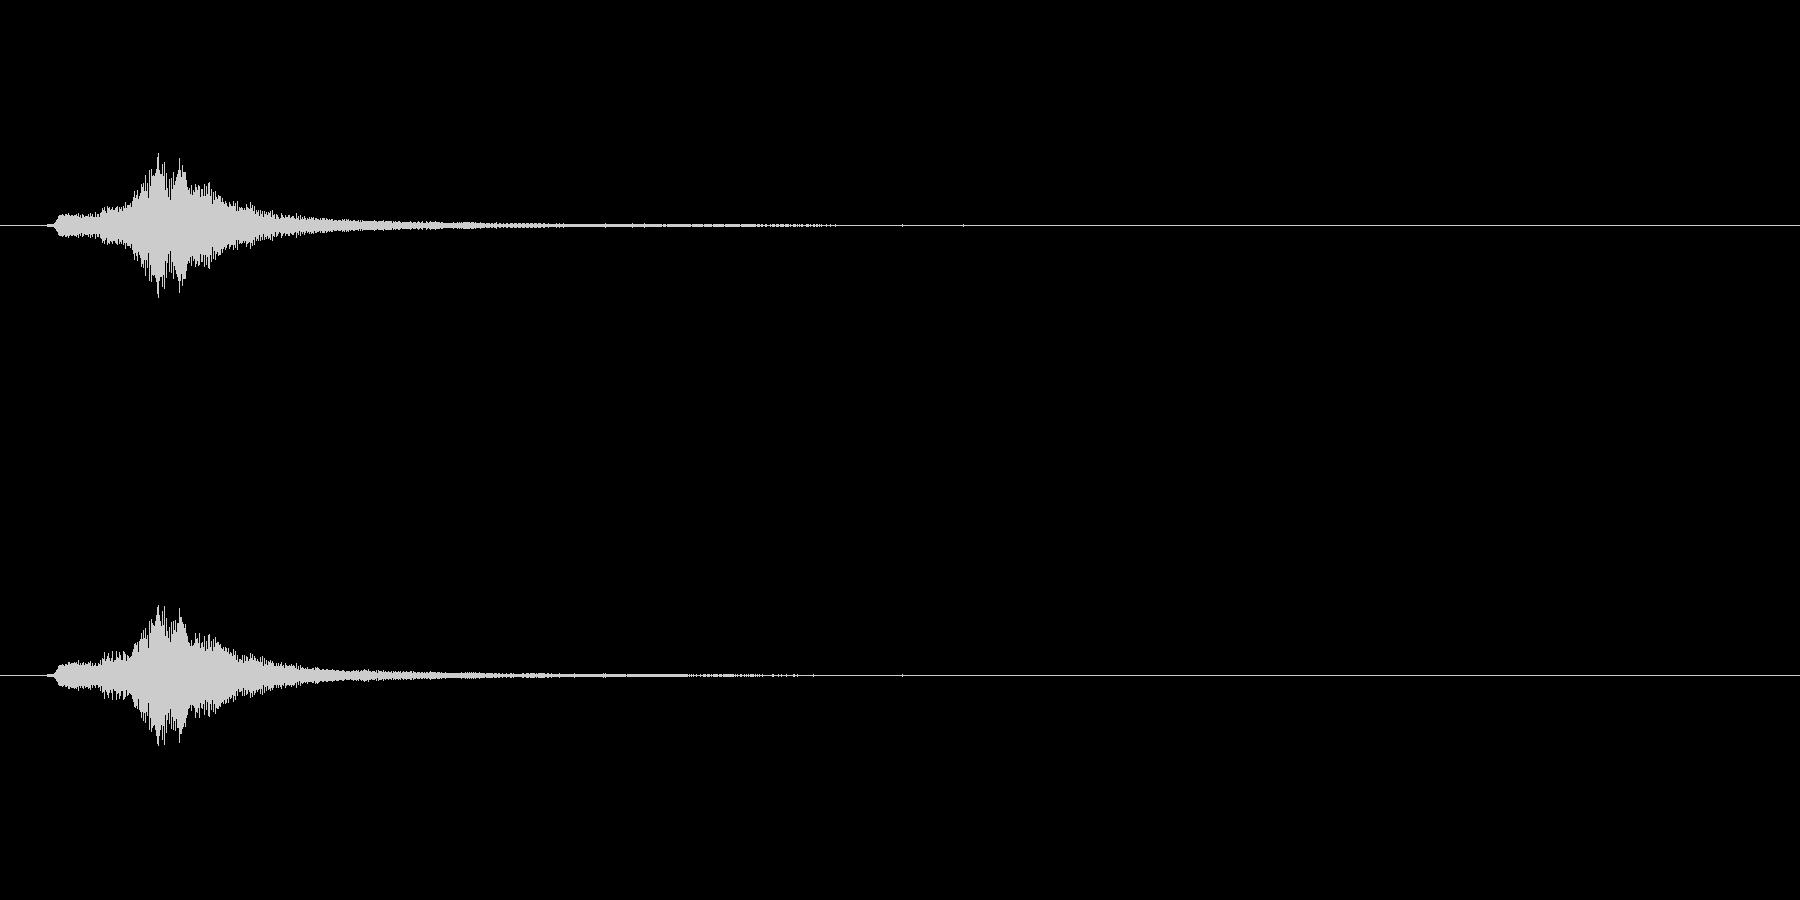 ハープグリッサンド上行1回~A7の未再生の波形